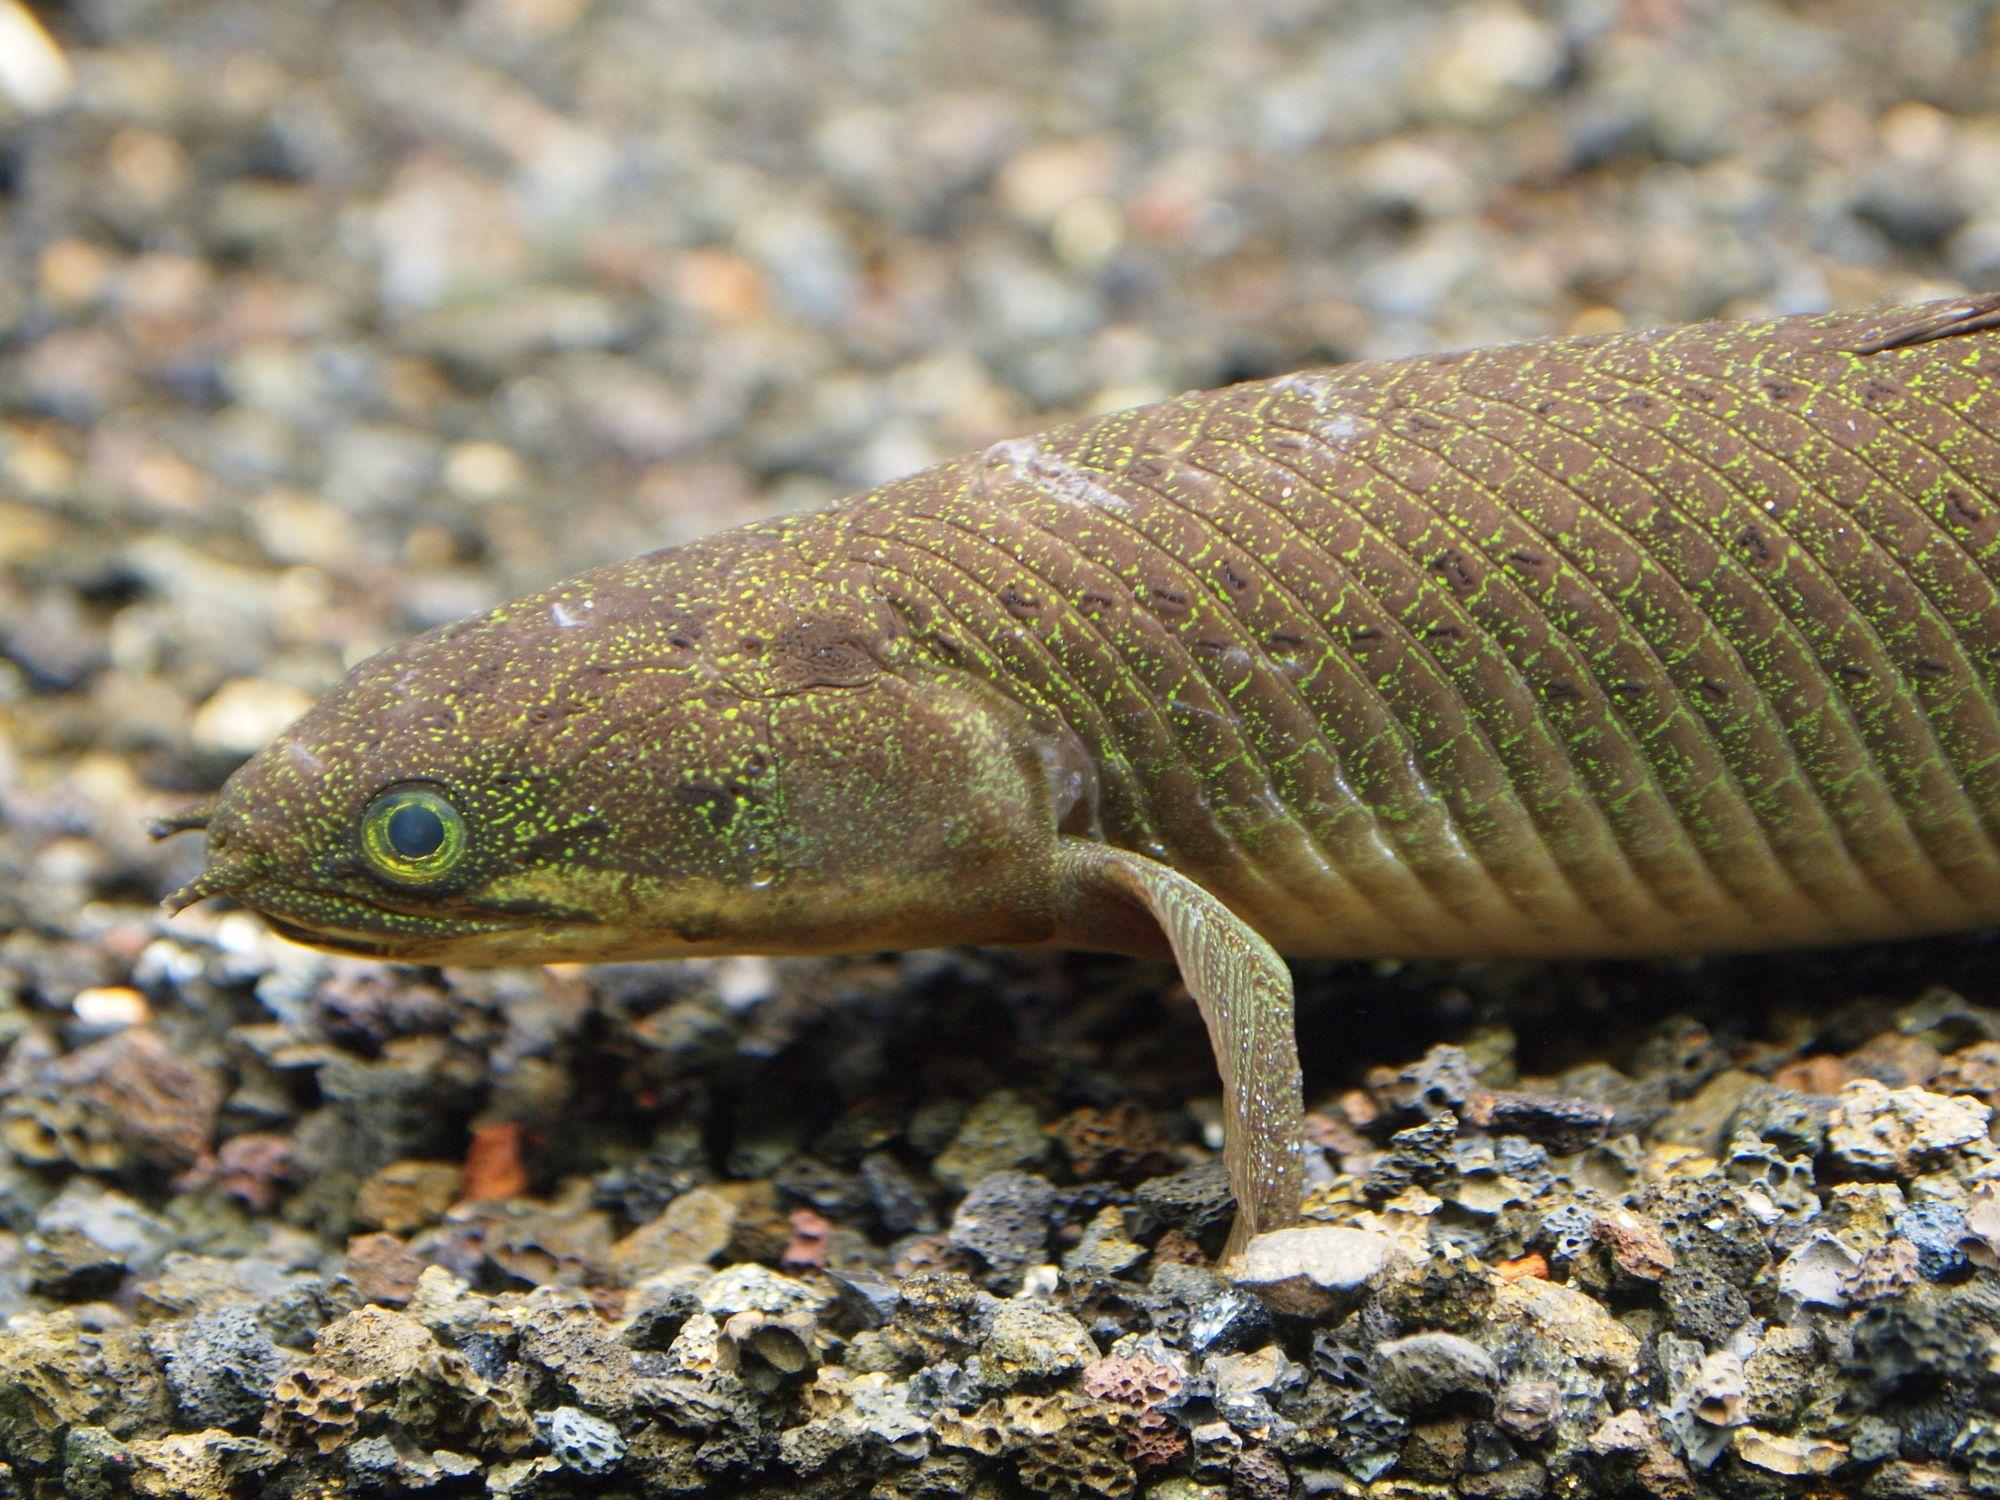 魚を陸上で育てたら歩くようになるのか? に分子古生物学者が答える